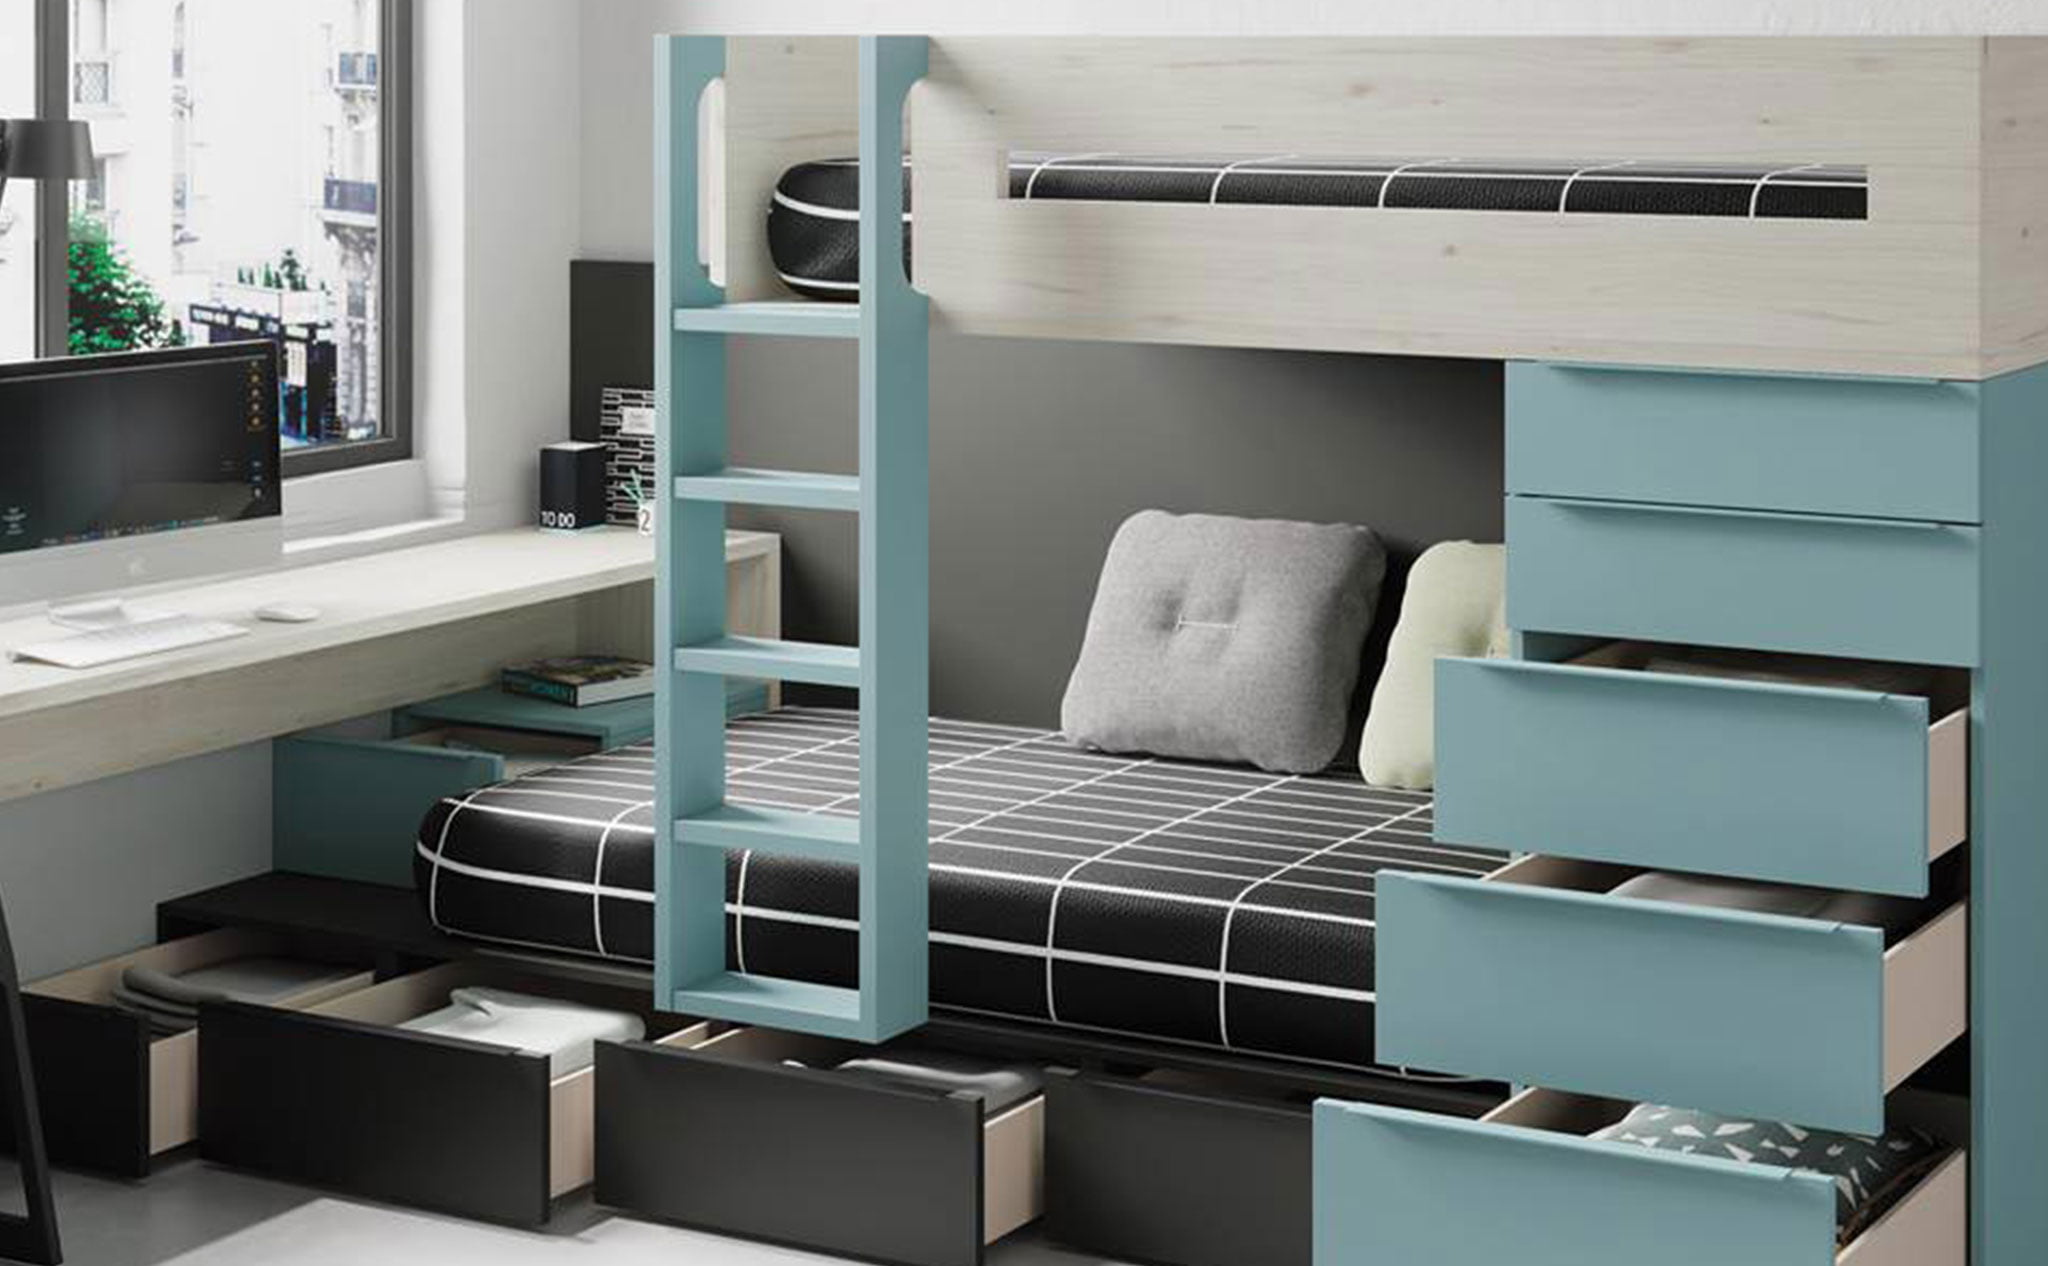 Dormitorio juvenil en tonos fríos – Muebles Martínez